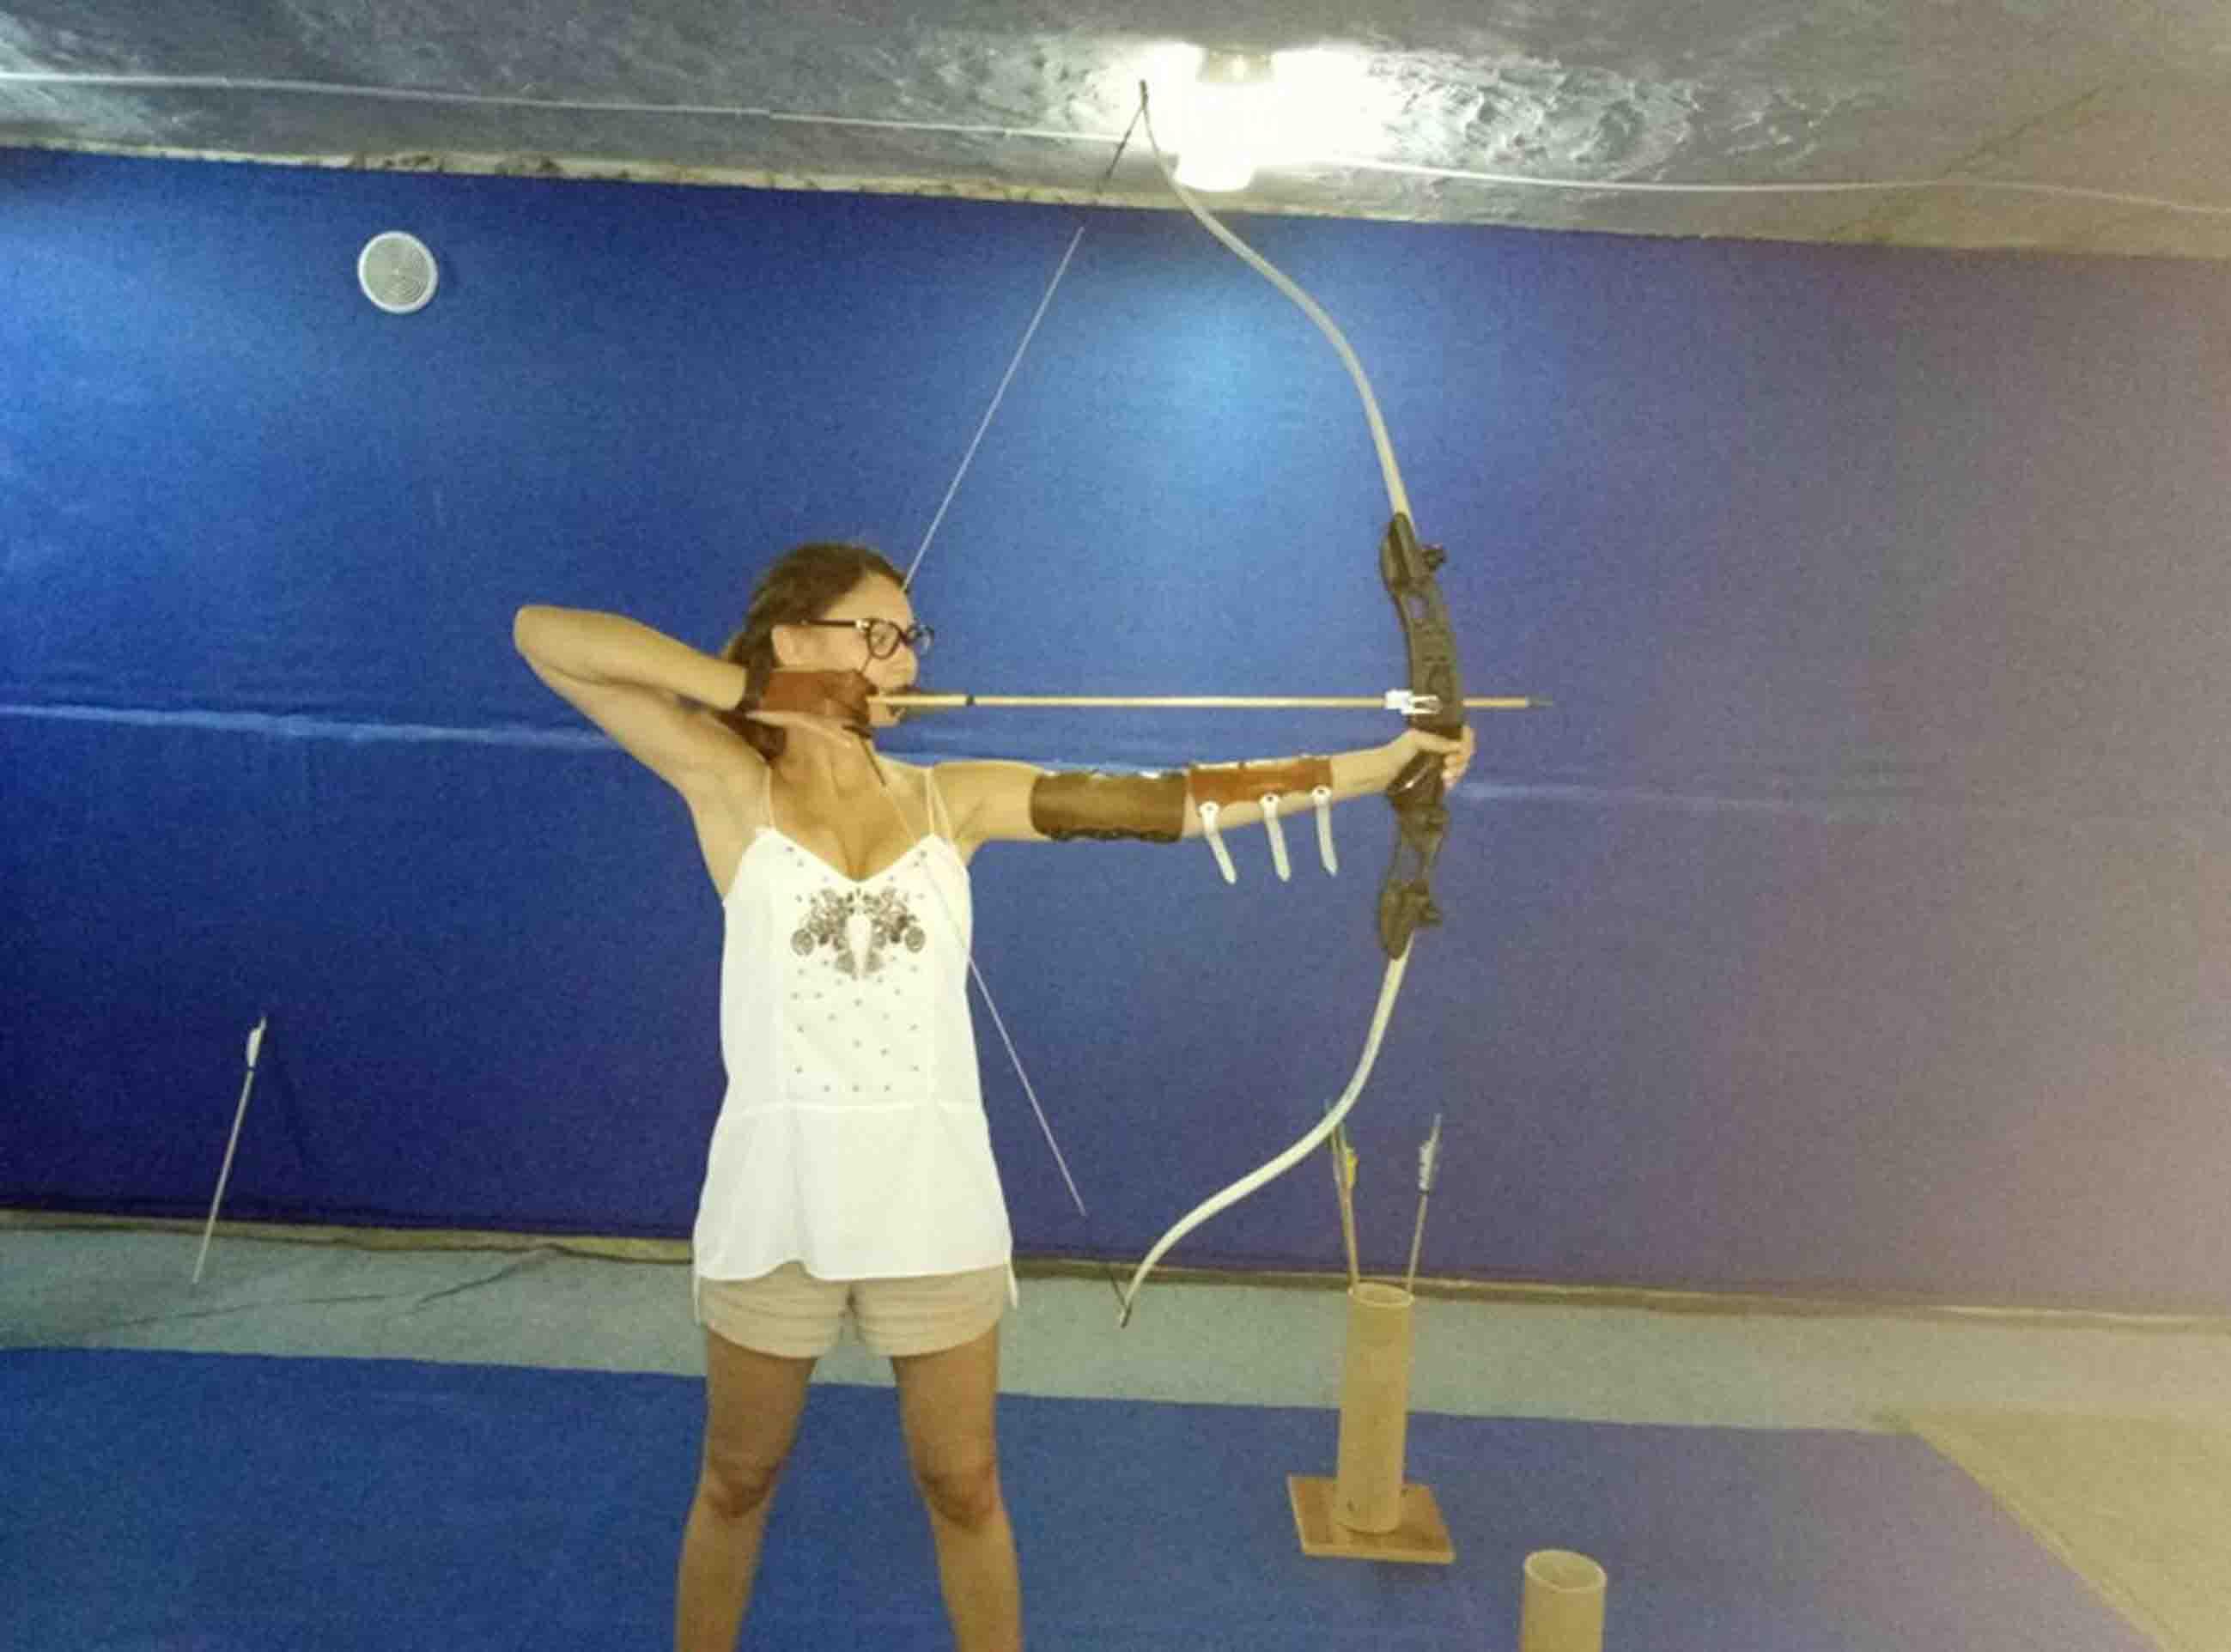 Стрельба из лука (секция, Тир, охота) Archery Kiev - Лучник фото 4